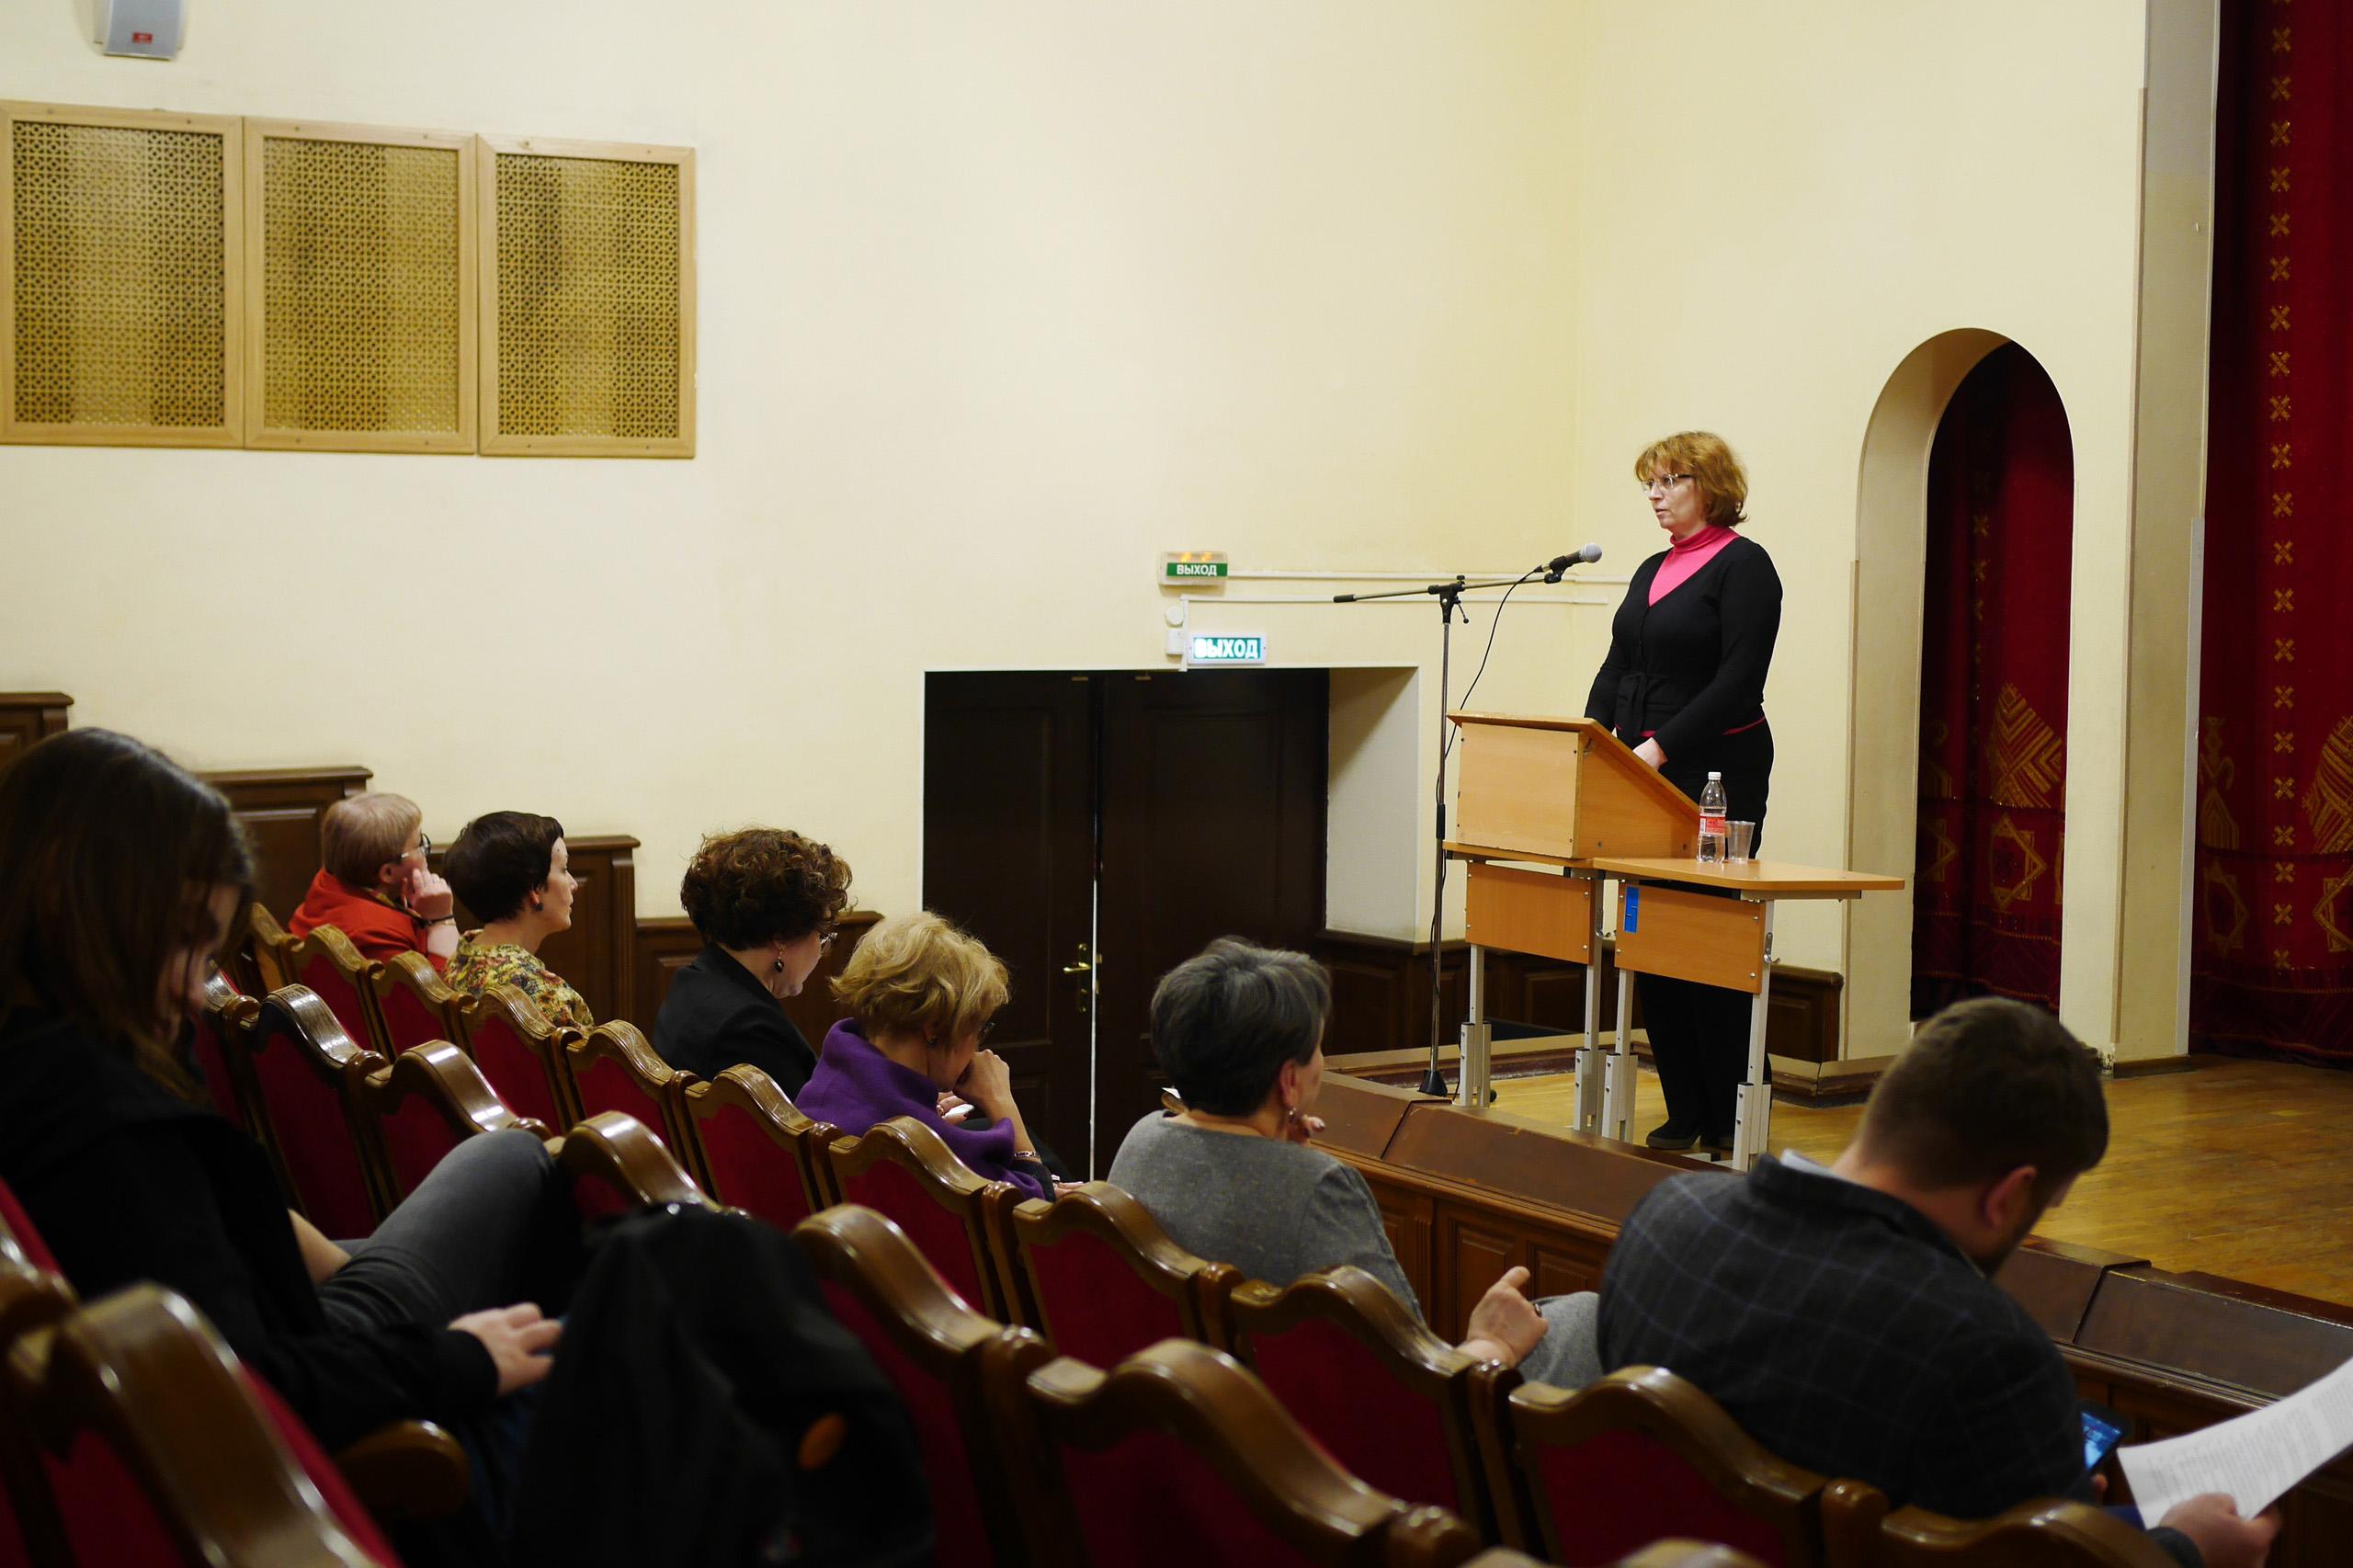 XXIV-nauchno-praktic-konferenciya-2019-2